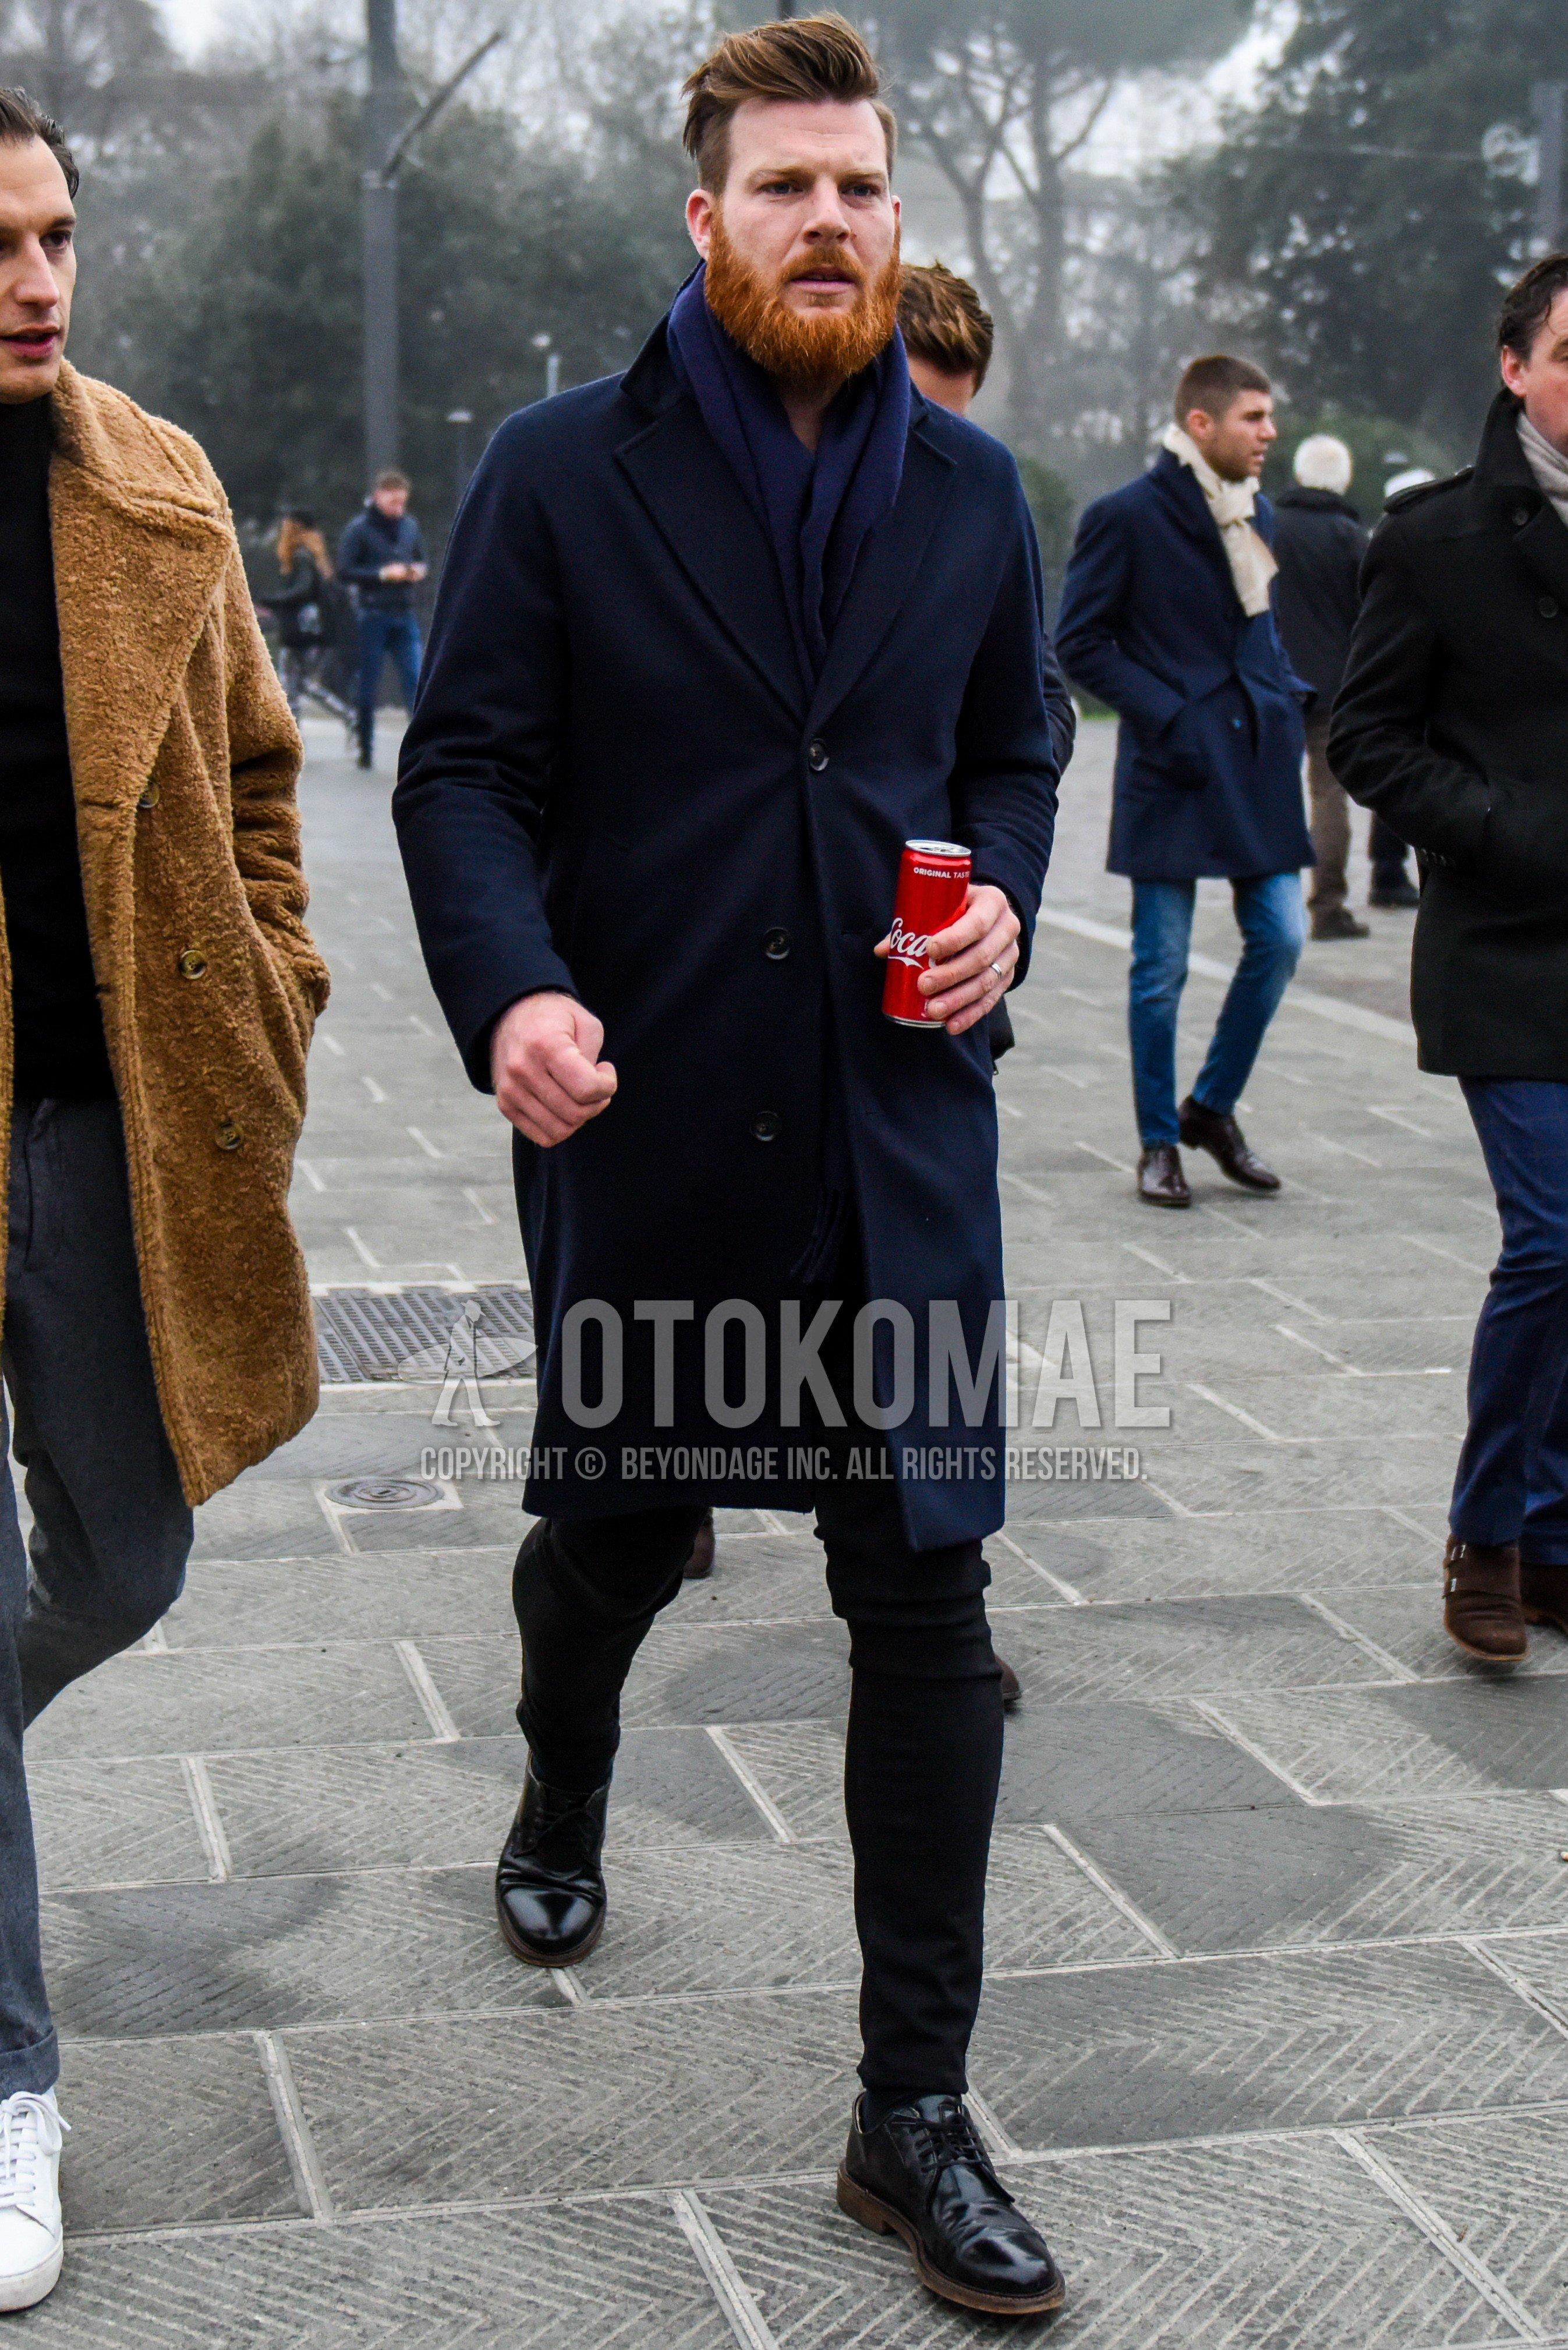 ネイビー無地のマフラー/ストール、ネイビー無地のチェスターコート、黒無地のデニム/ジーンズ、黒無地のスキニーパンツ、黒プレーントゥの革靴を合わせた冬のメンズコーデ・着こなし。